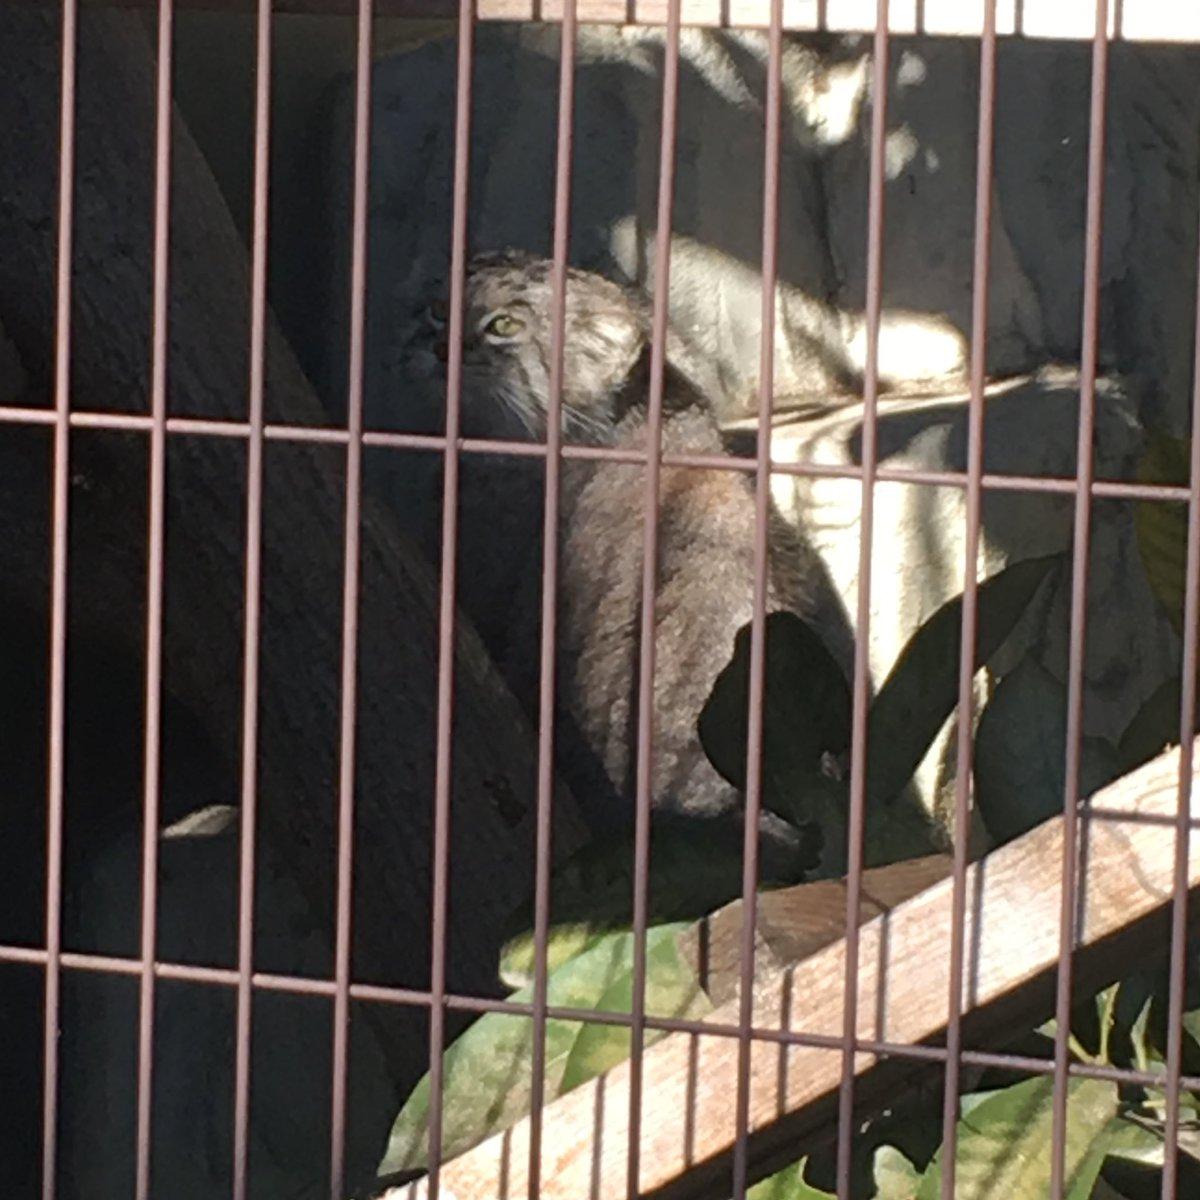 test ツイッターメディア - @obanprint おはようございます😃 東山動物園久しぶりに行きたいですねぇ コアラにも会いたいけど 個人的最推しのマヌルネコを見てほっこりしたいです https://t.co/lKZxX6FFWt